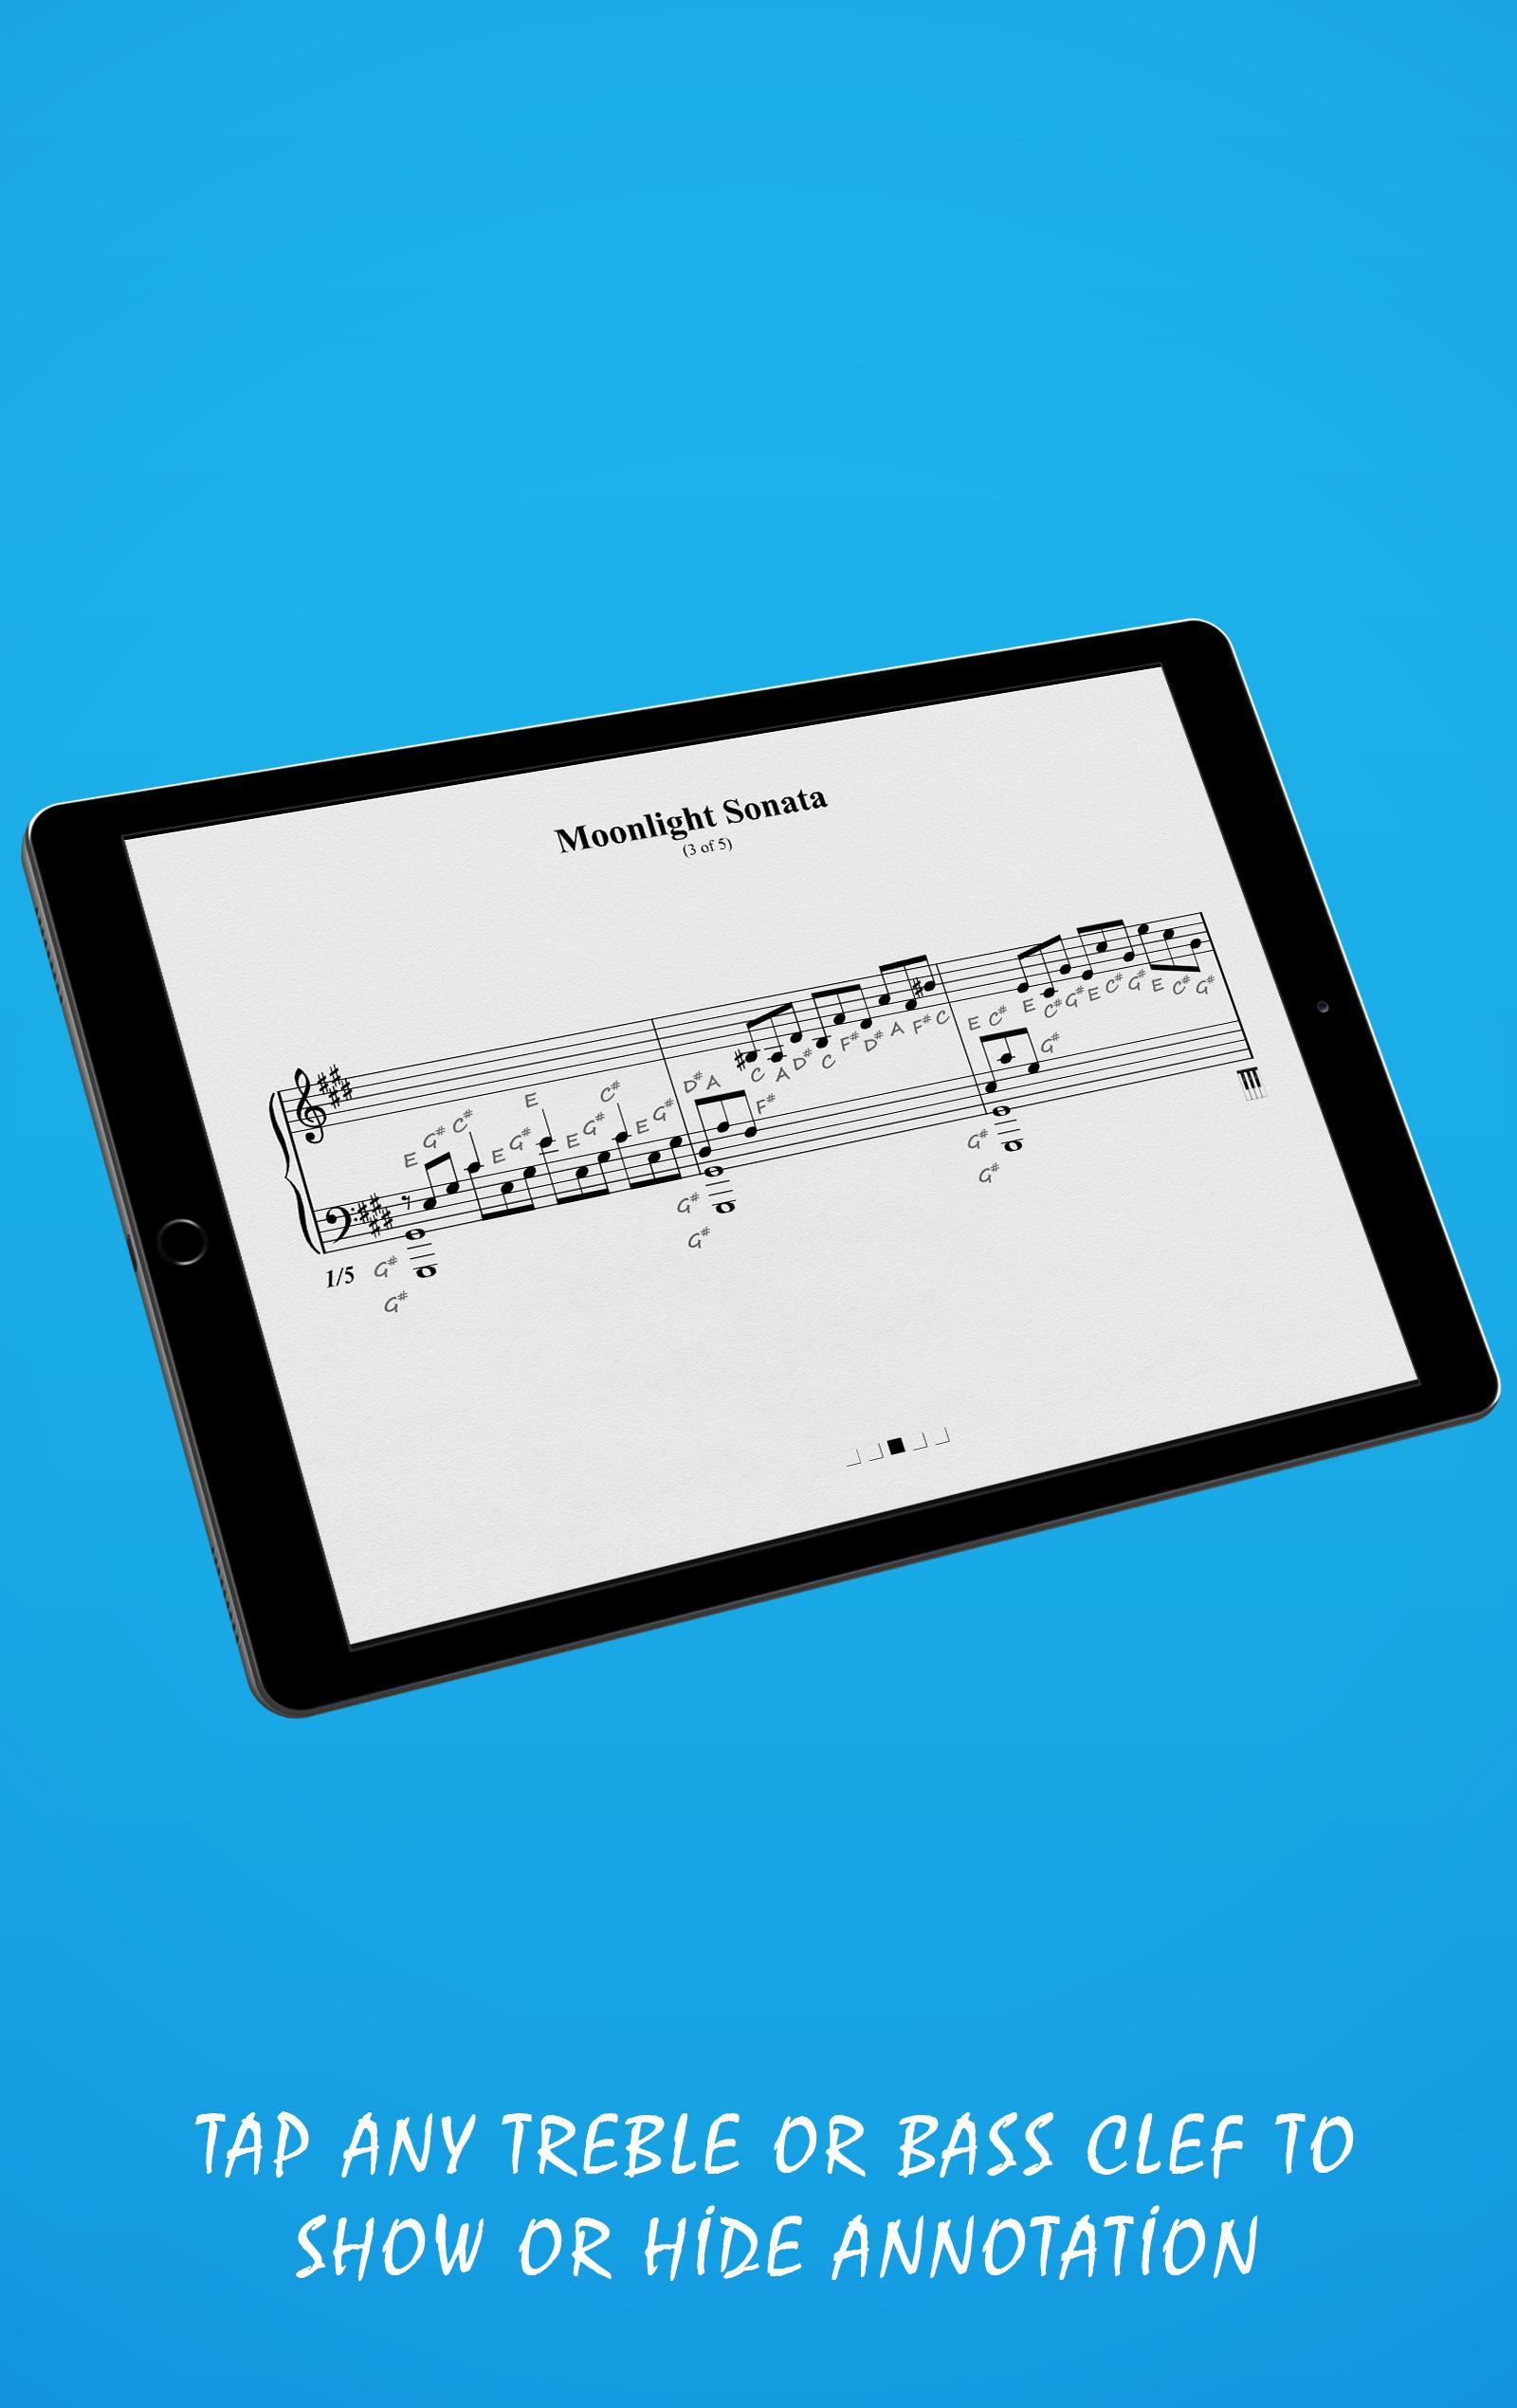 Moonlight Sonata Landscape View (Tablet)